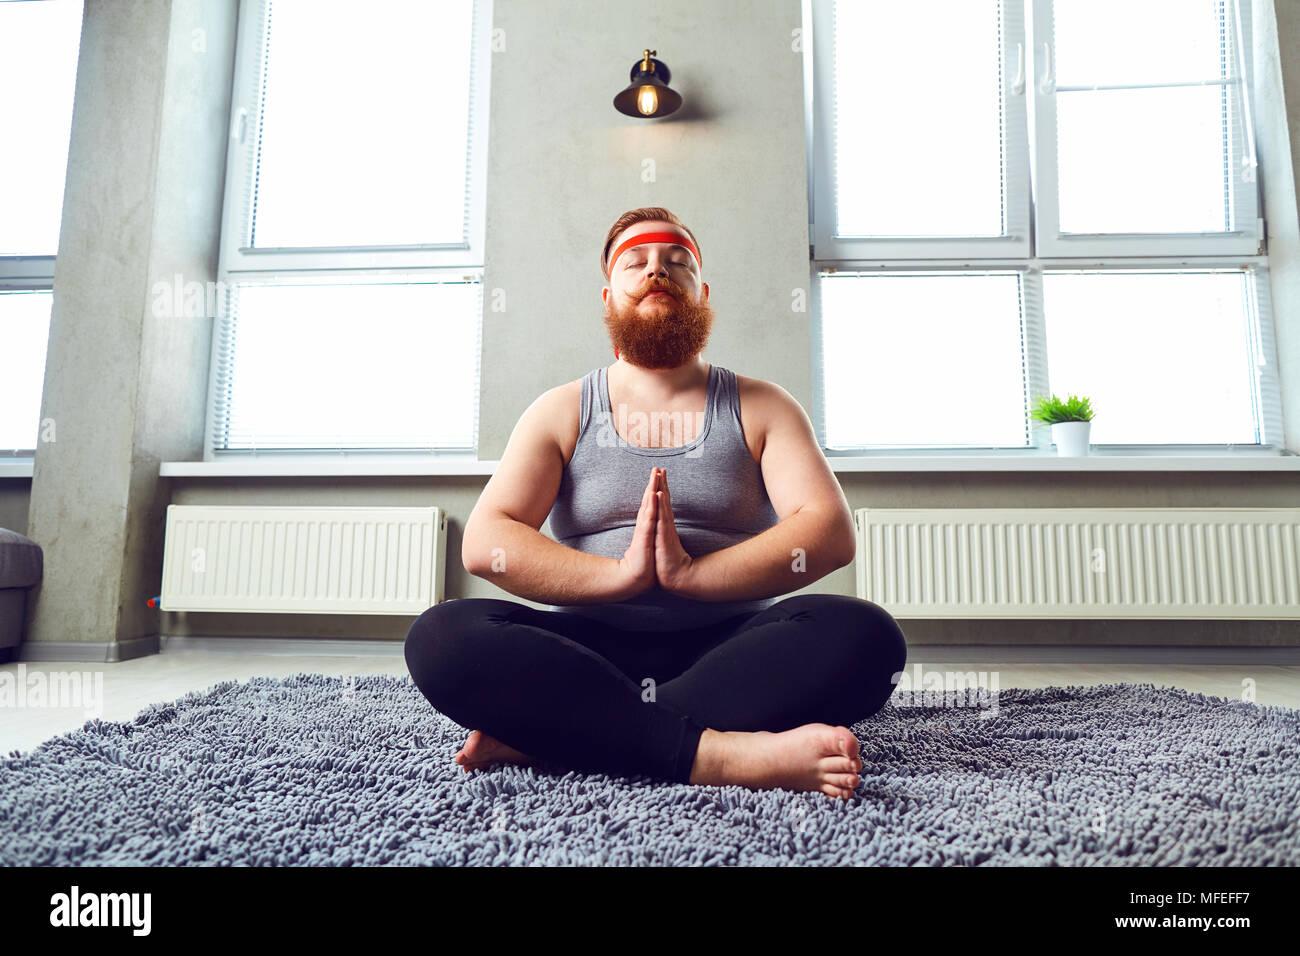 Eine lustige Fetten bärtigen Mann im Sport Kleidung Yoga im Zimmer. Stockbild